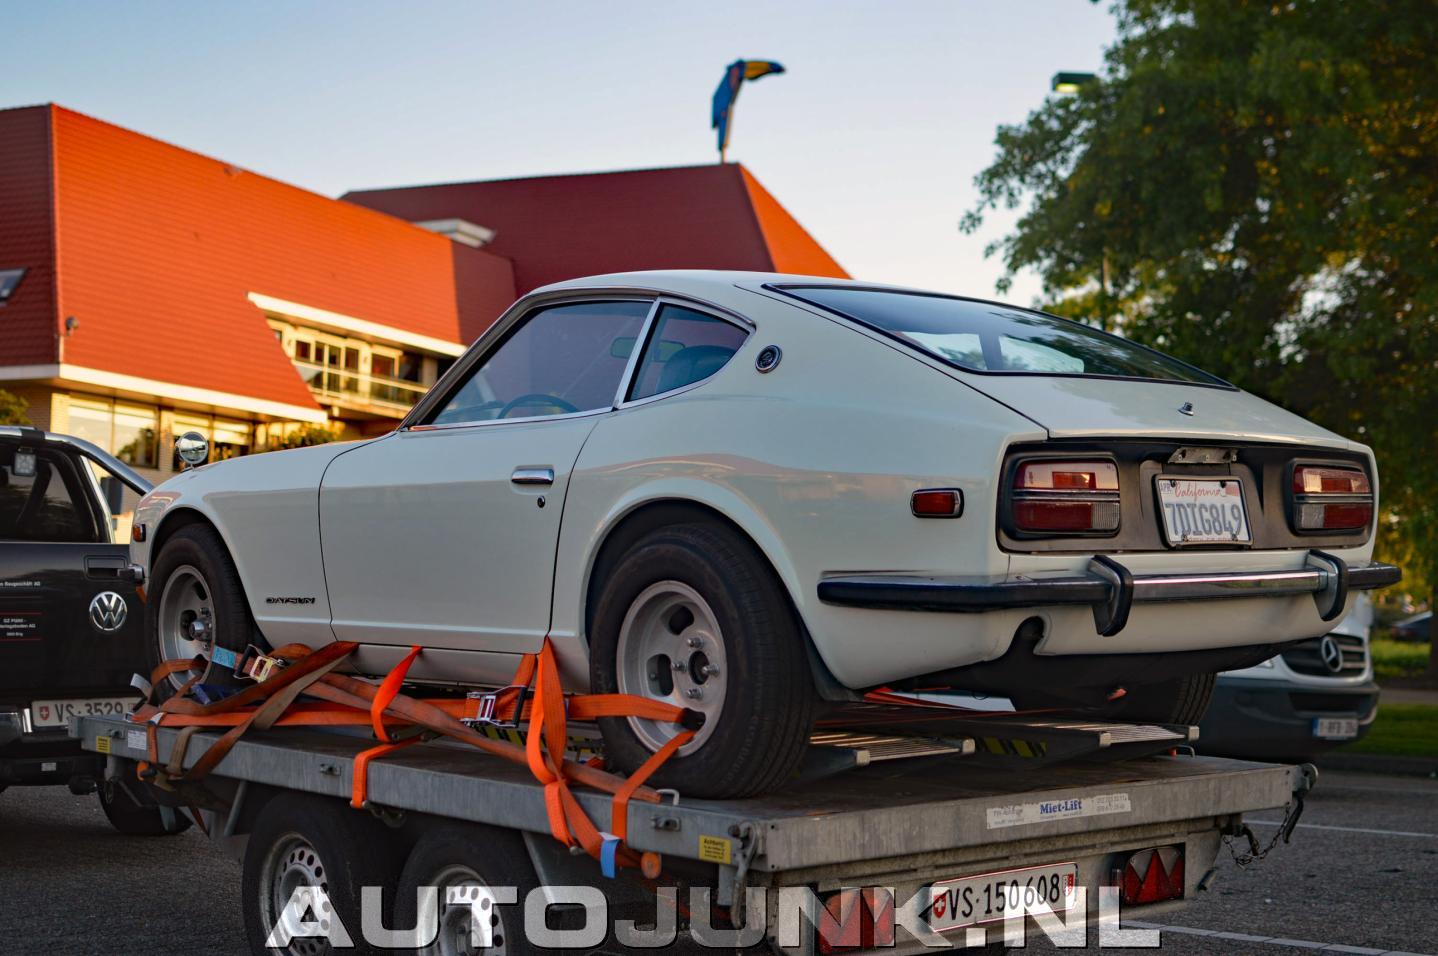 Datsun Fairlady foto's » Autojunk.nl (196860)